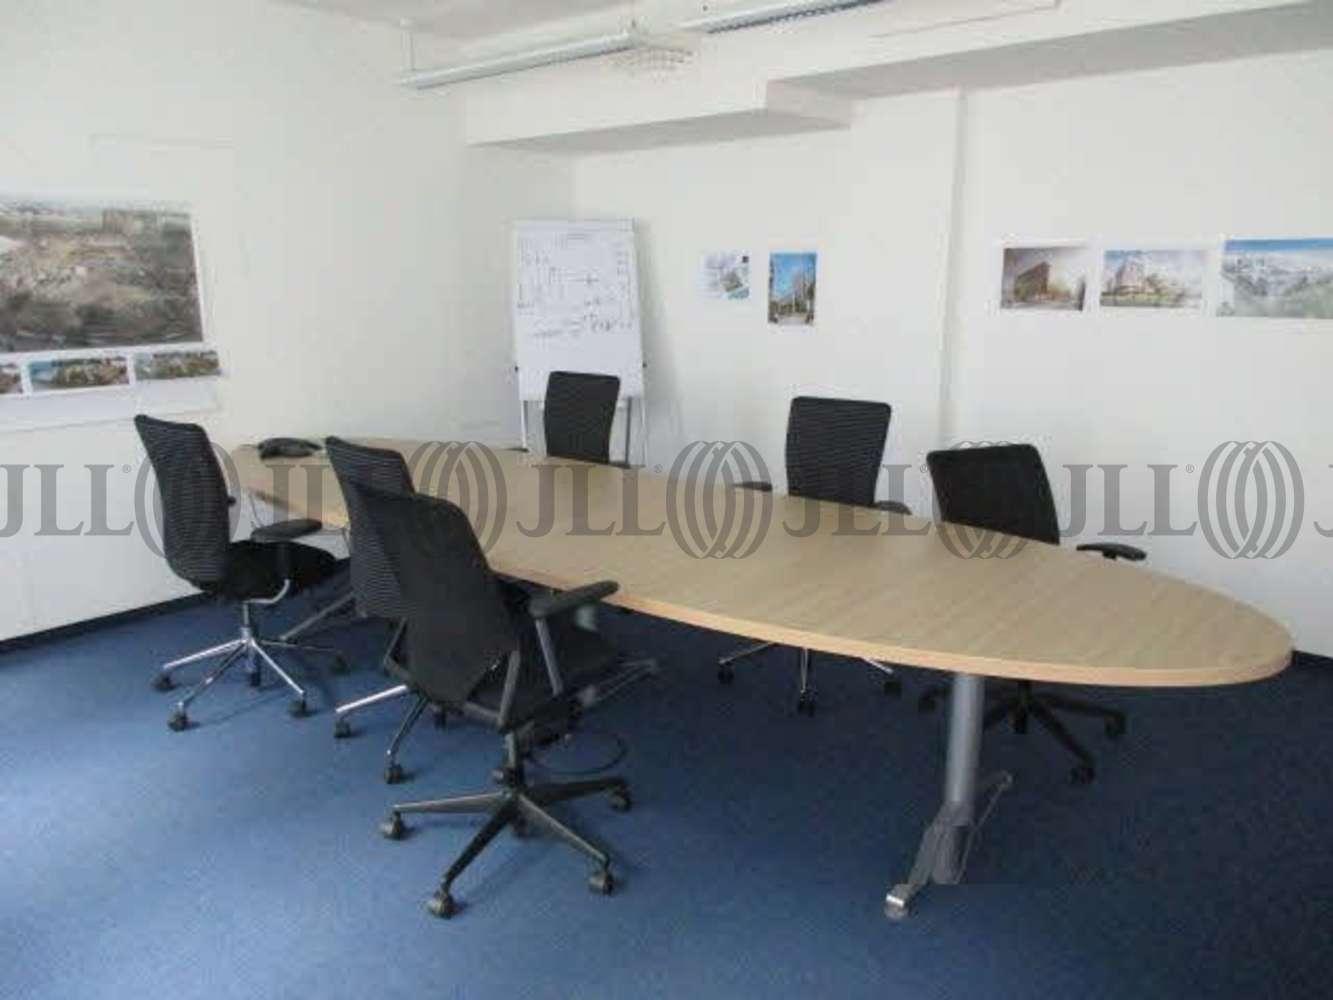 Büros Frankfurt am main, 60311 - Büro - Frankfurt am Main, Innenstadt - F1392 - 10563680